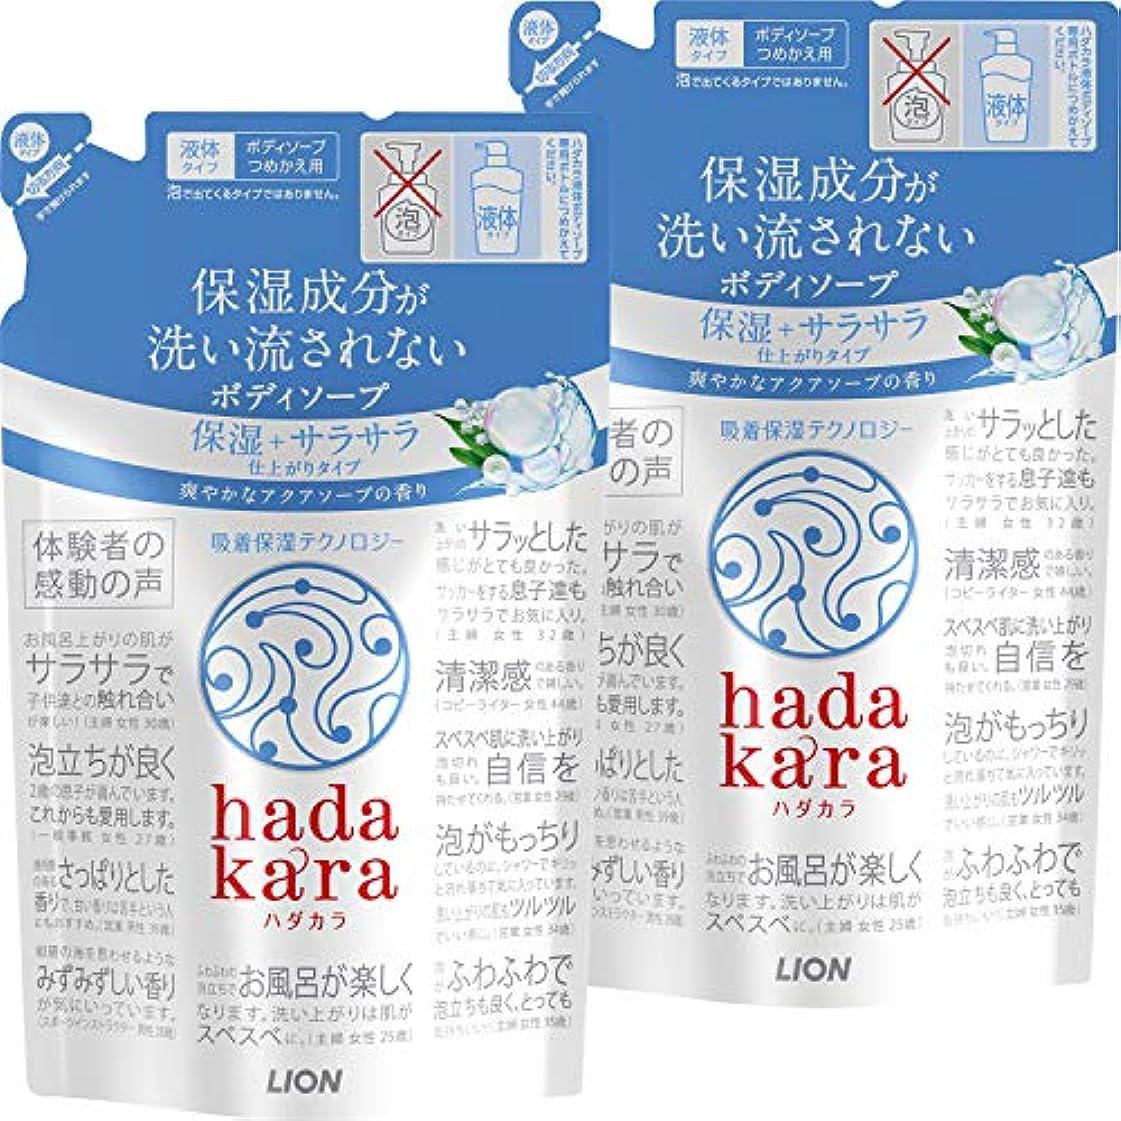 十代の若者たち光誤解hadakara(ハダカラ)ボディソープ 保湿+サラサラ仕上がりタイプ アクアソープの香り つめかえ用 340ml×2個パック